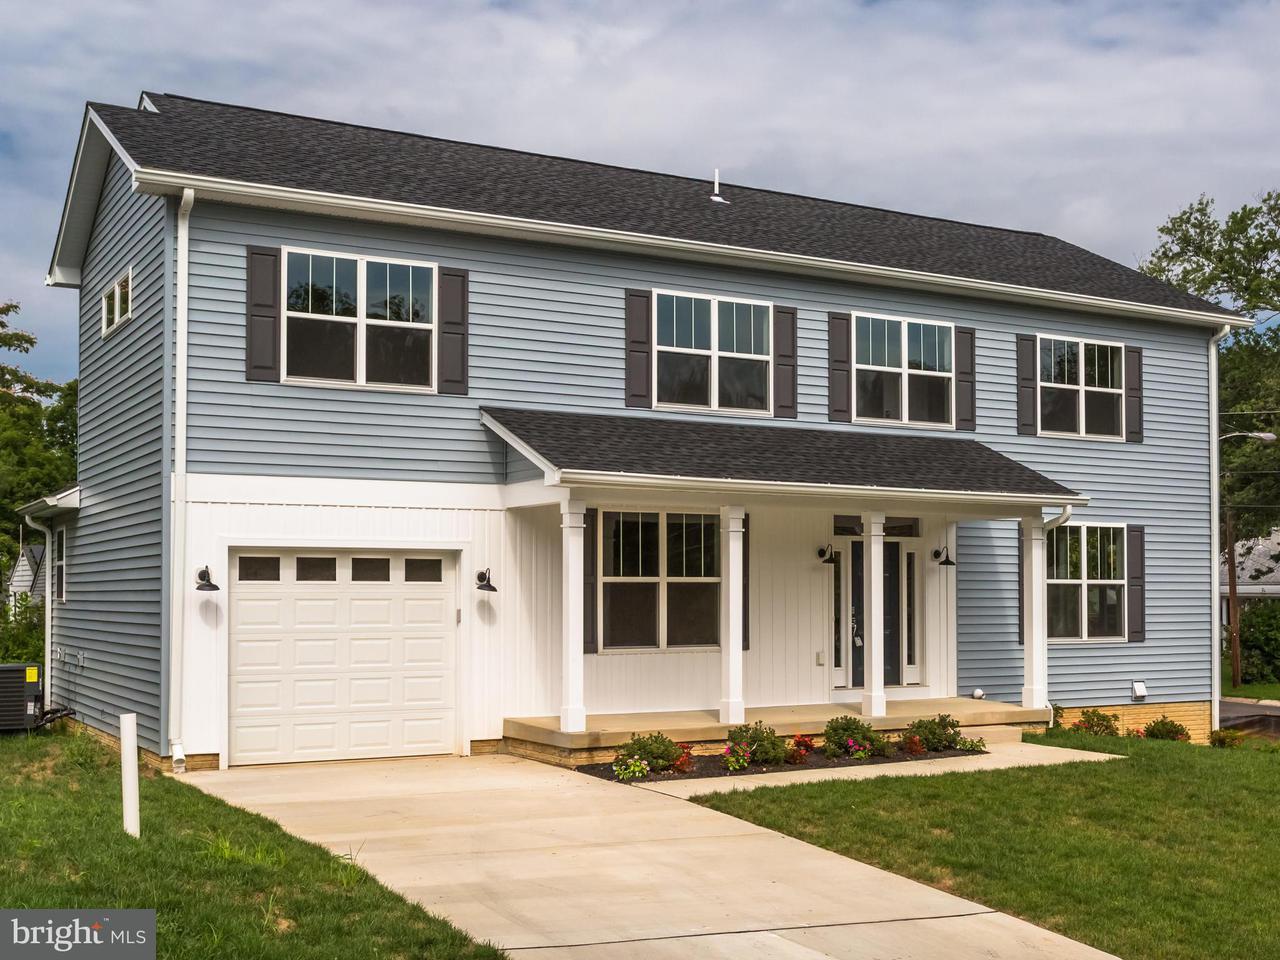 단독 가정 주택 용 매매 에 515 Crabb Avenue 515 Crabb Avenue Rockville, 메릴랜드 20850 미국